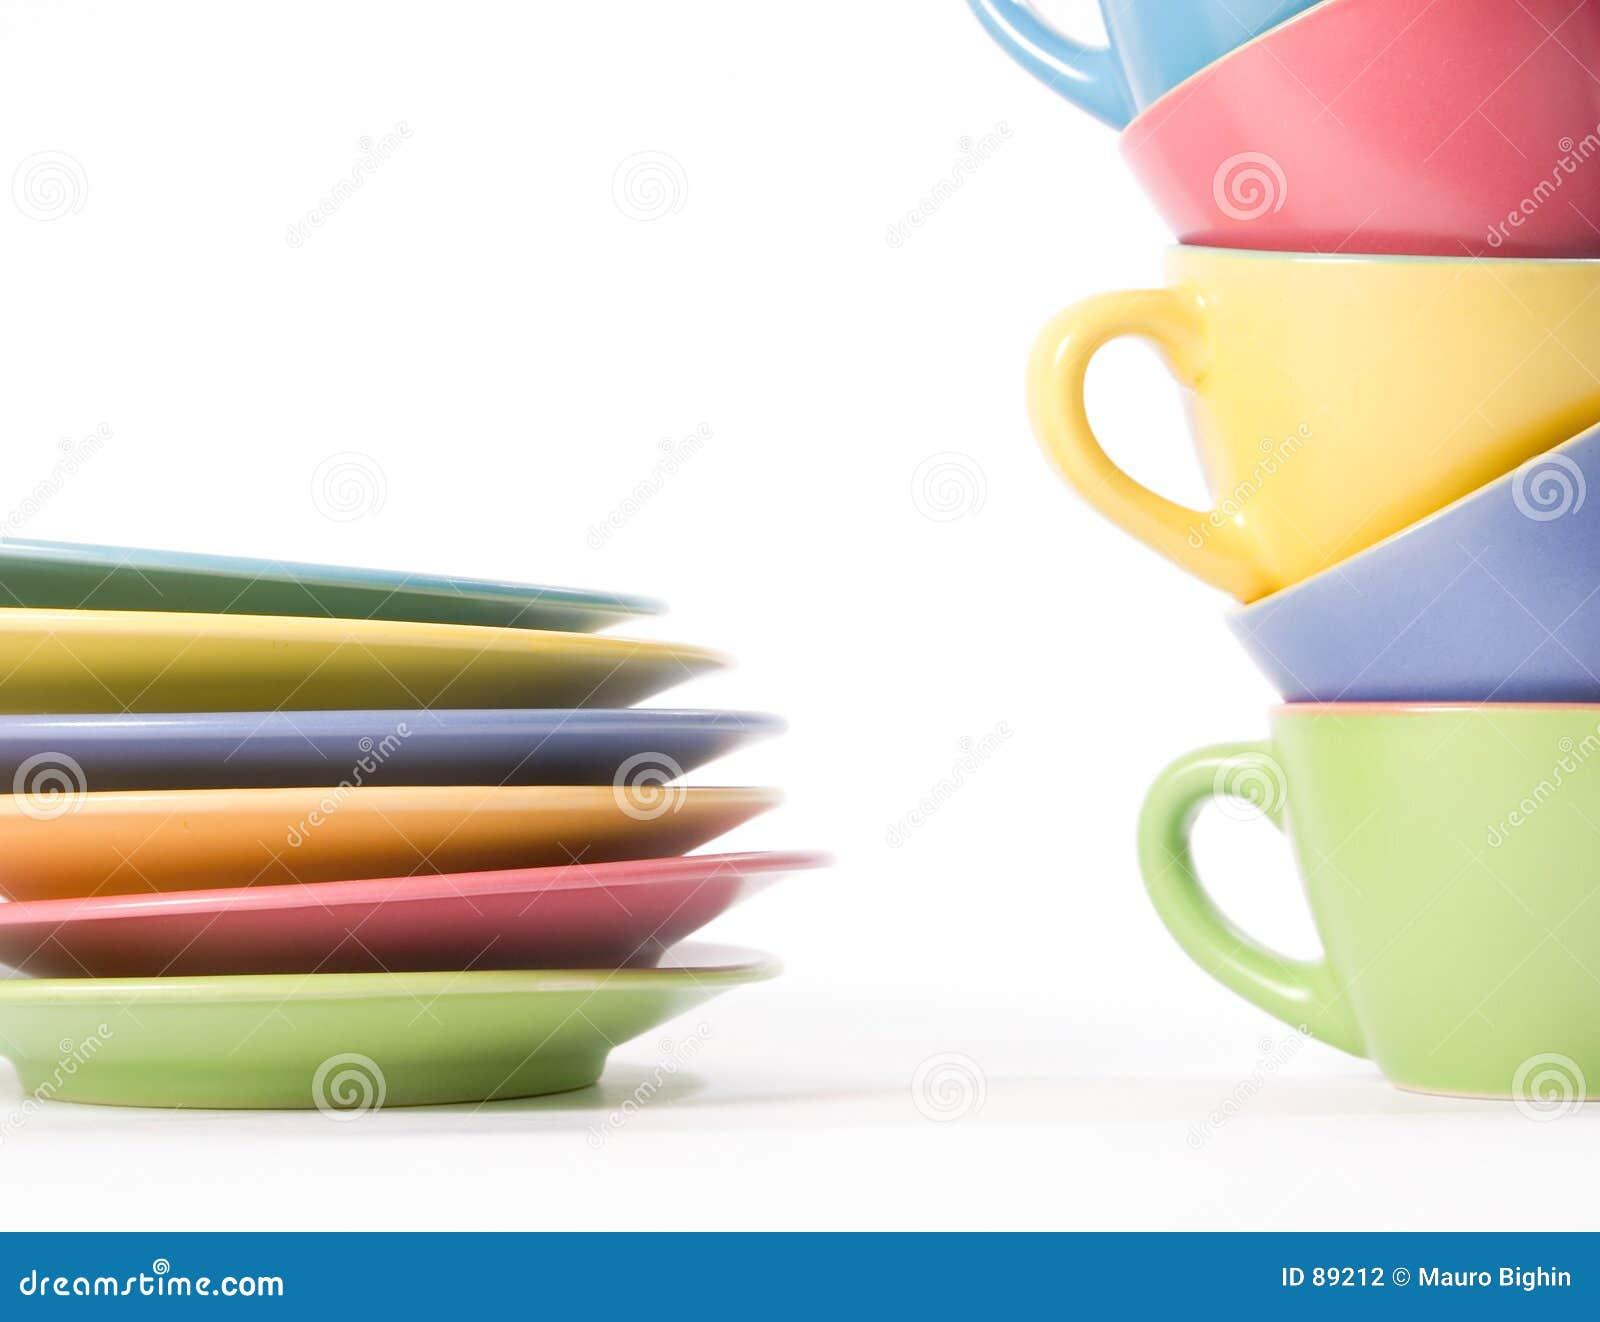 Farbige Kaffeetassen und Teller